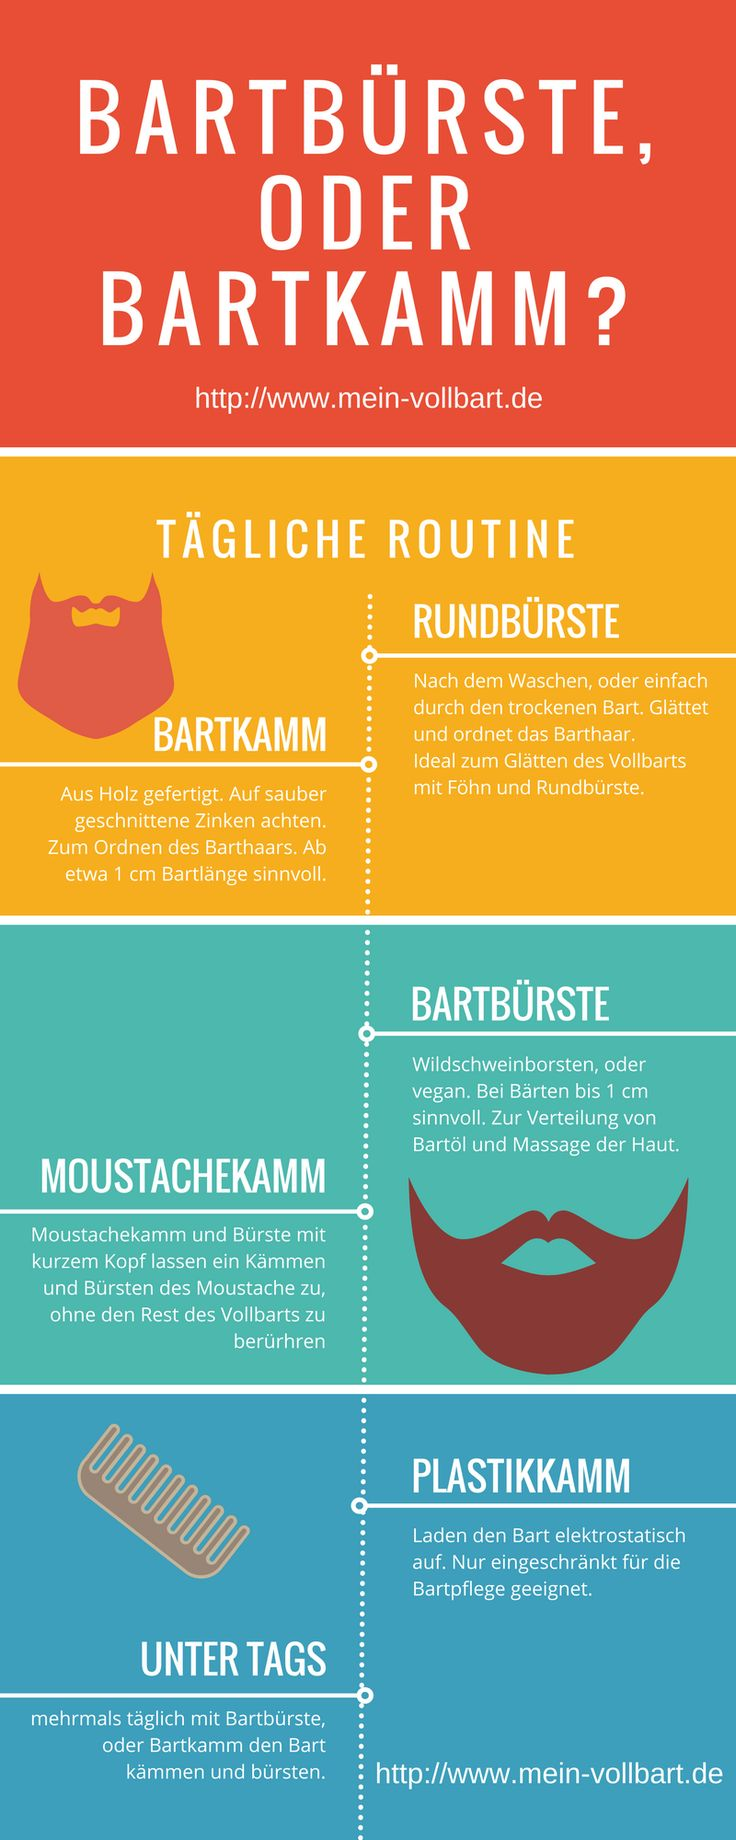 Wozu verwendet man eine Bartbürste und wozu einen Bartkamm?